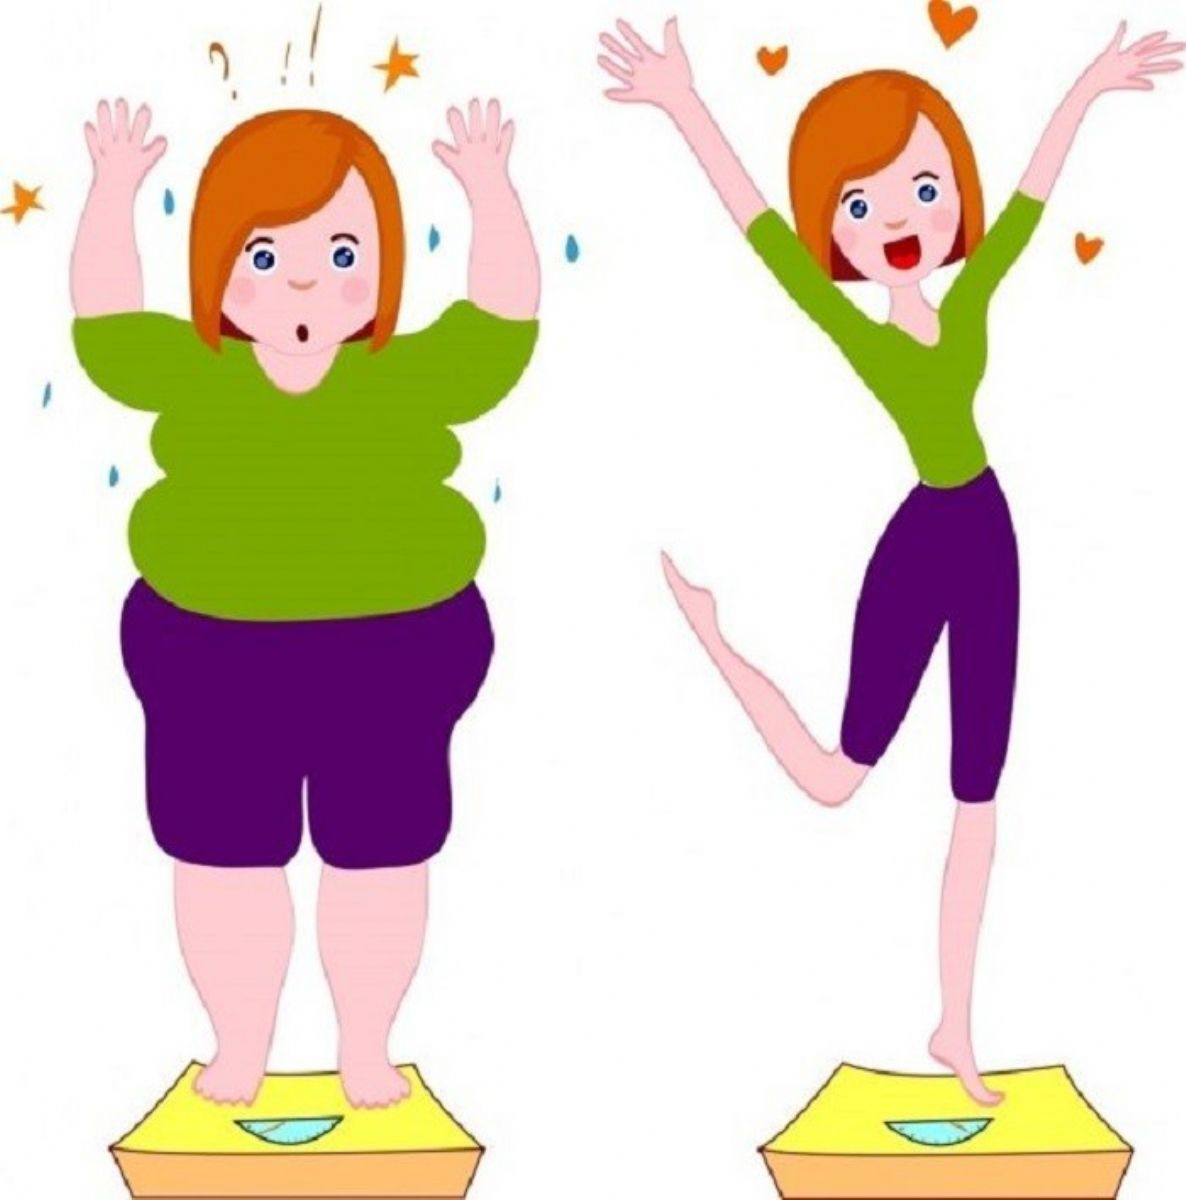 اقوى 7 طرق تخسيس و تنحيف و فقدان وزن بدون رجيم أصداء